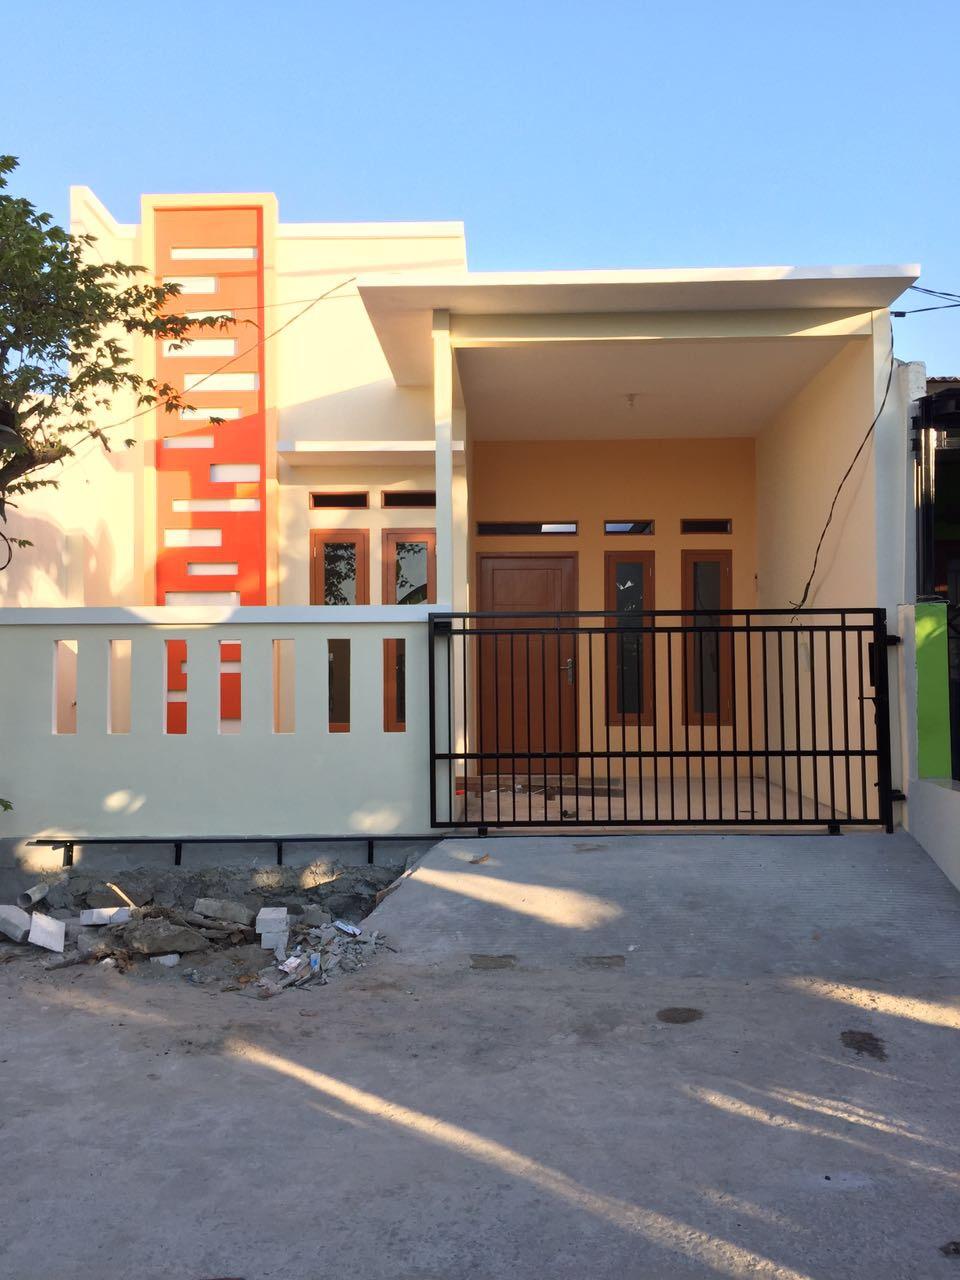 rumah baru renovasi siap huni 1 lantai cantik di vila gading harapan blok al3 babelan  bekasi jawa barat